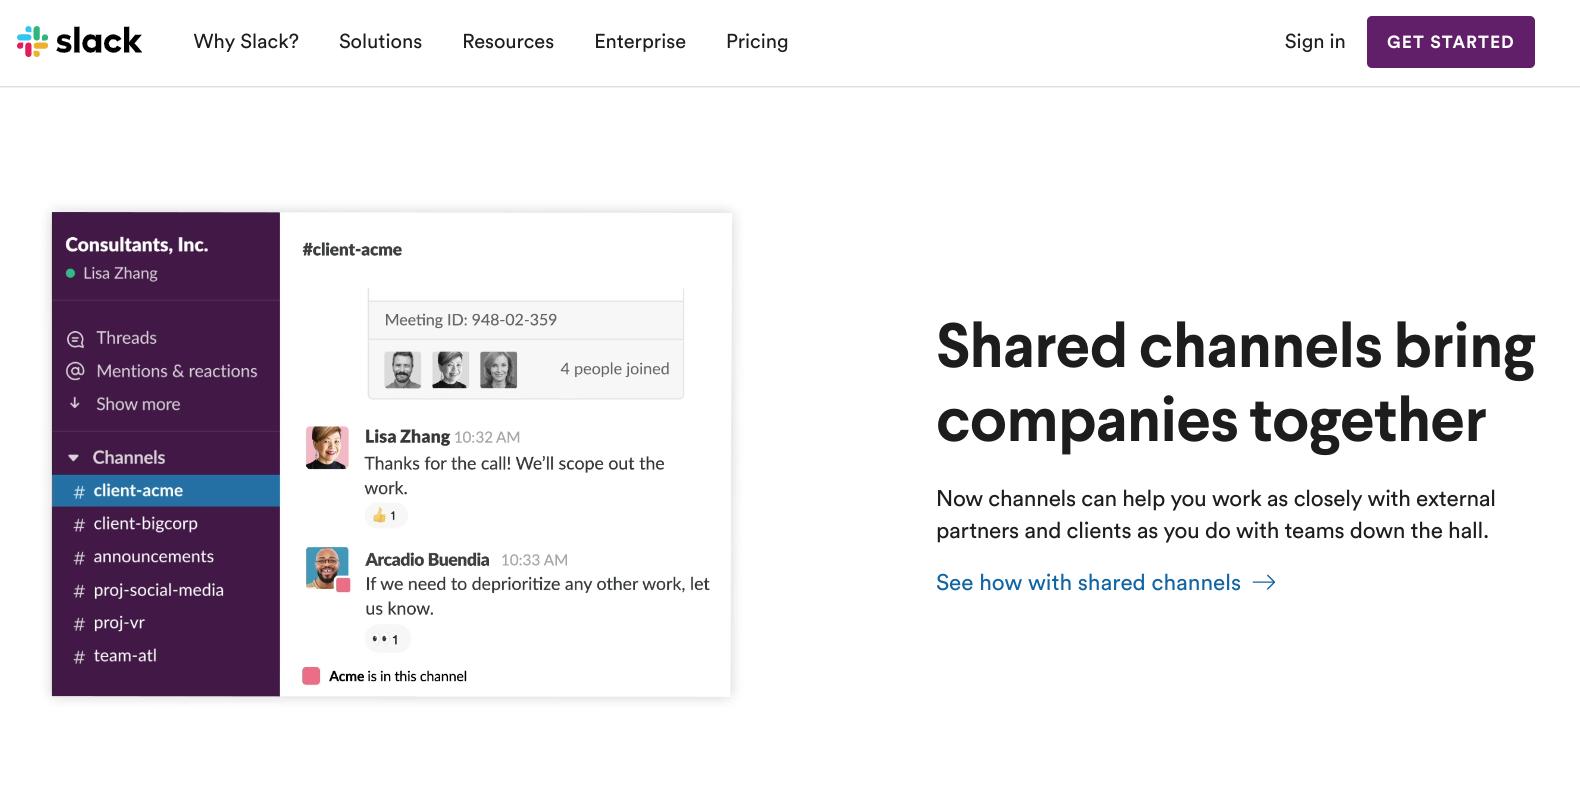 Slack's Homepage - SaaS Marketing Example